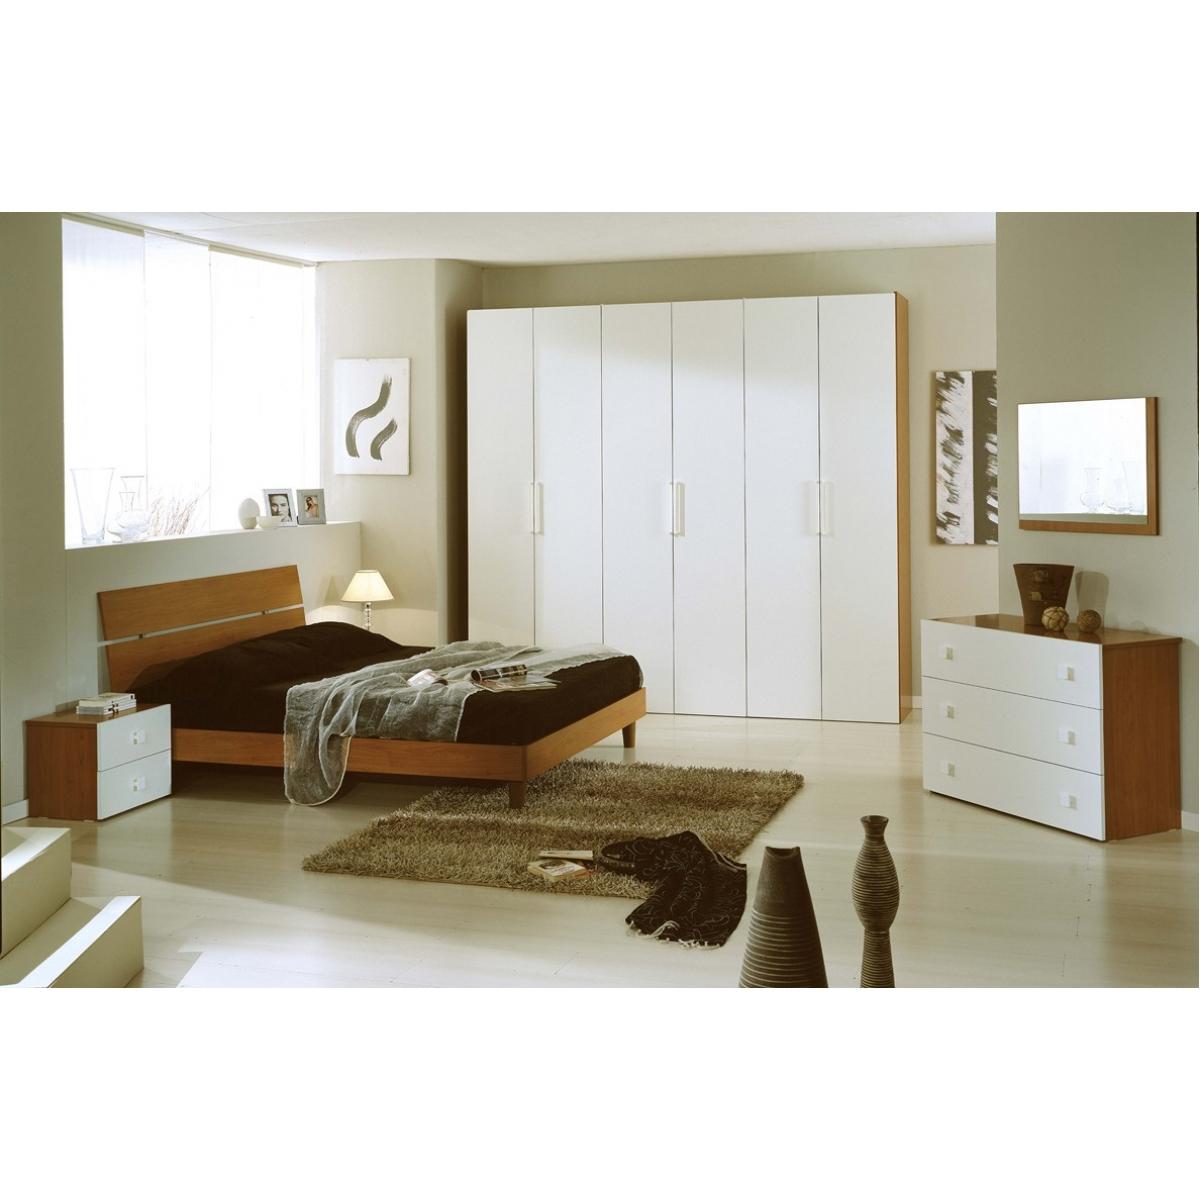 837 camera da letto completa ciliegio crema moderna - Camera da letto moderna completa ...